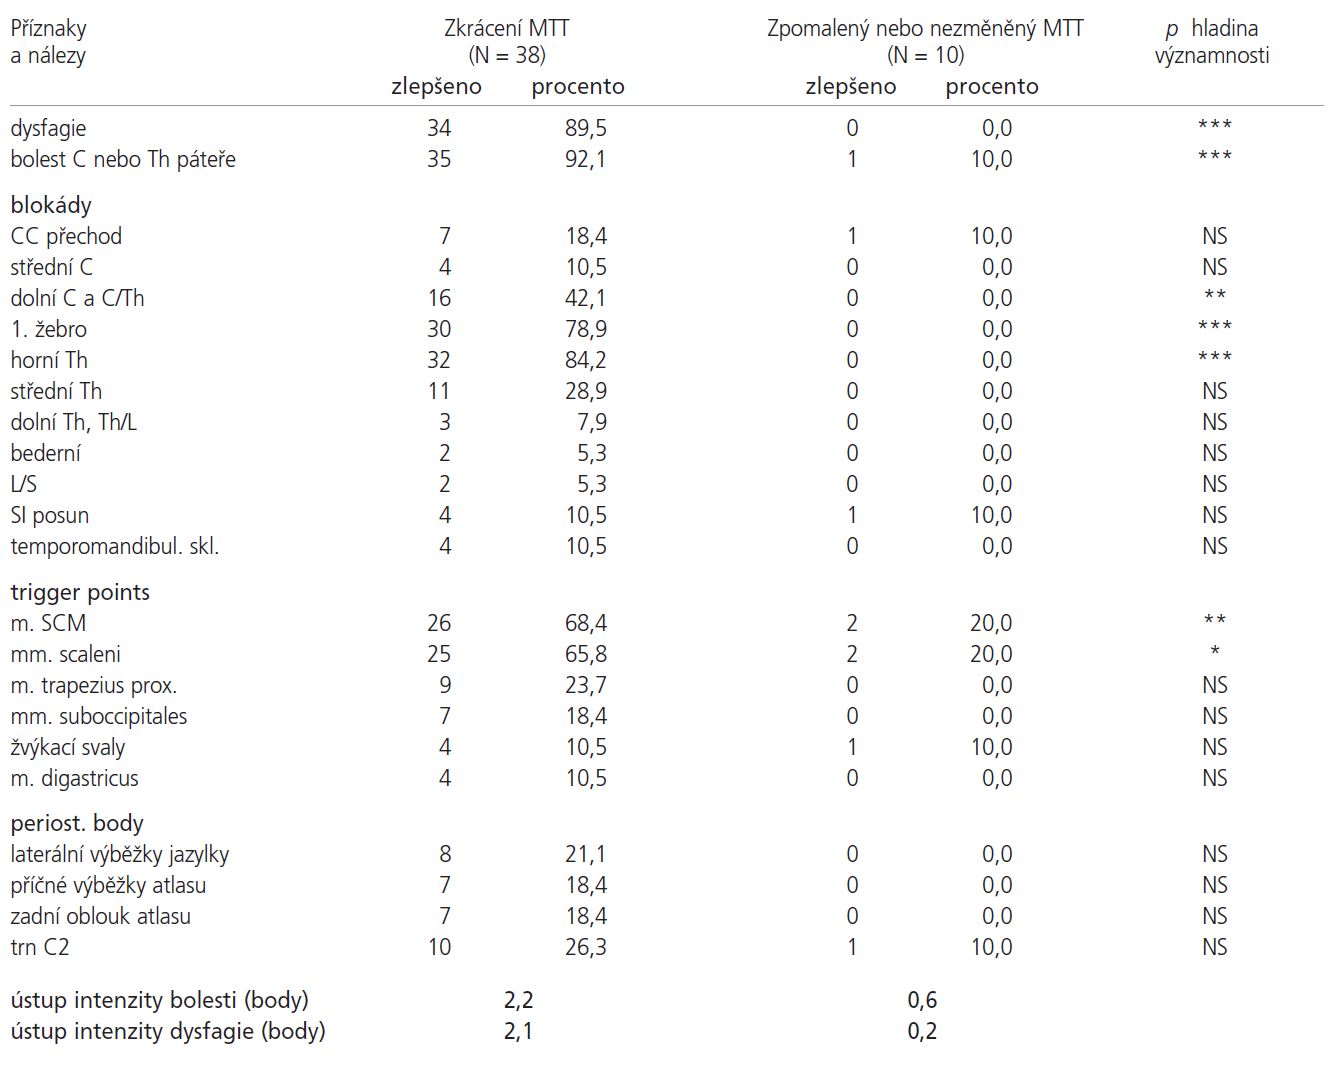 Sledované parametry vyšetření 48 nemocných, rozdělení souboru podle výsledku scintigrafie. (p hladina významnosti *, ** < 0,05, *** < 0,001, NS > 0,05 statisticky nesignifikantní).